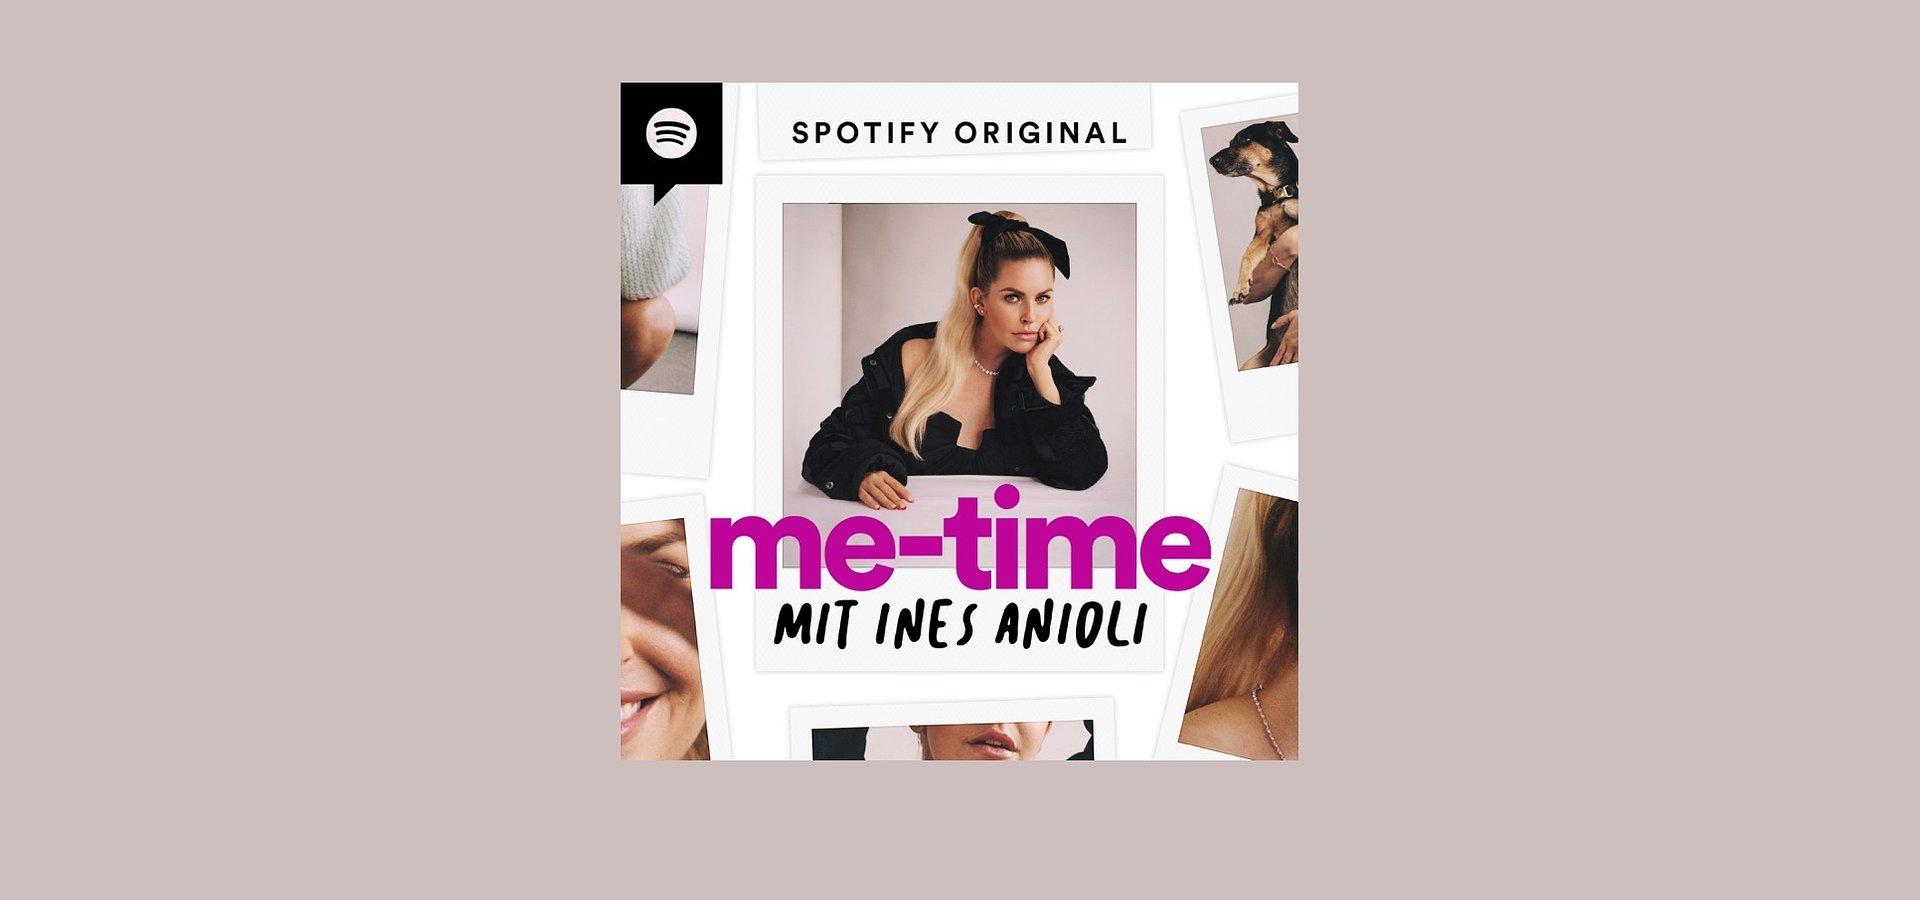 """""""me-time mit Ines Anioli"""":        Neuer Spotify Original Podcast über Neuanfang, Akzeptanz und Selbstliebe"""